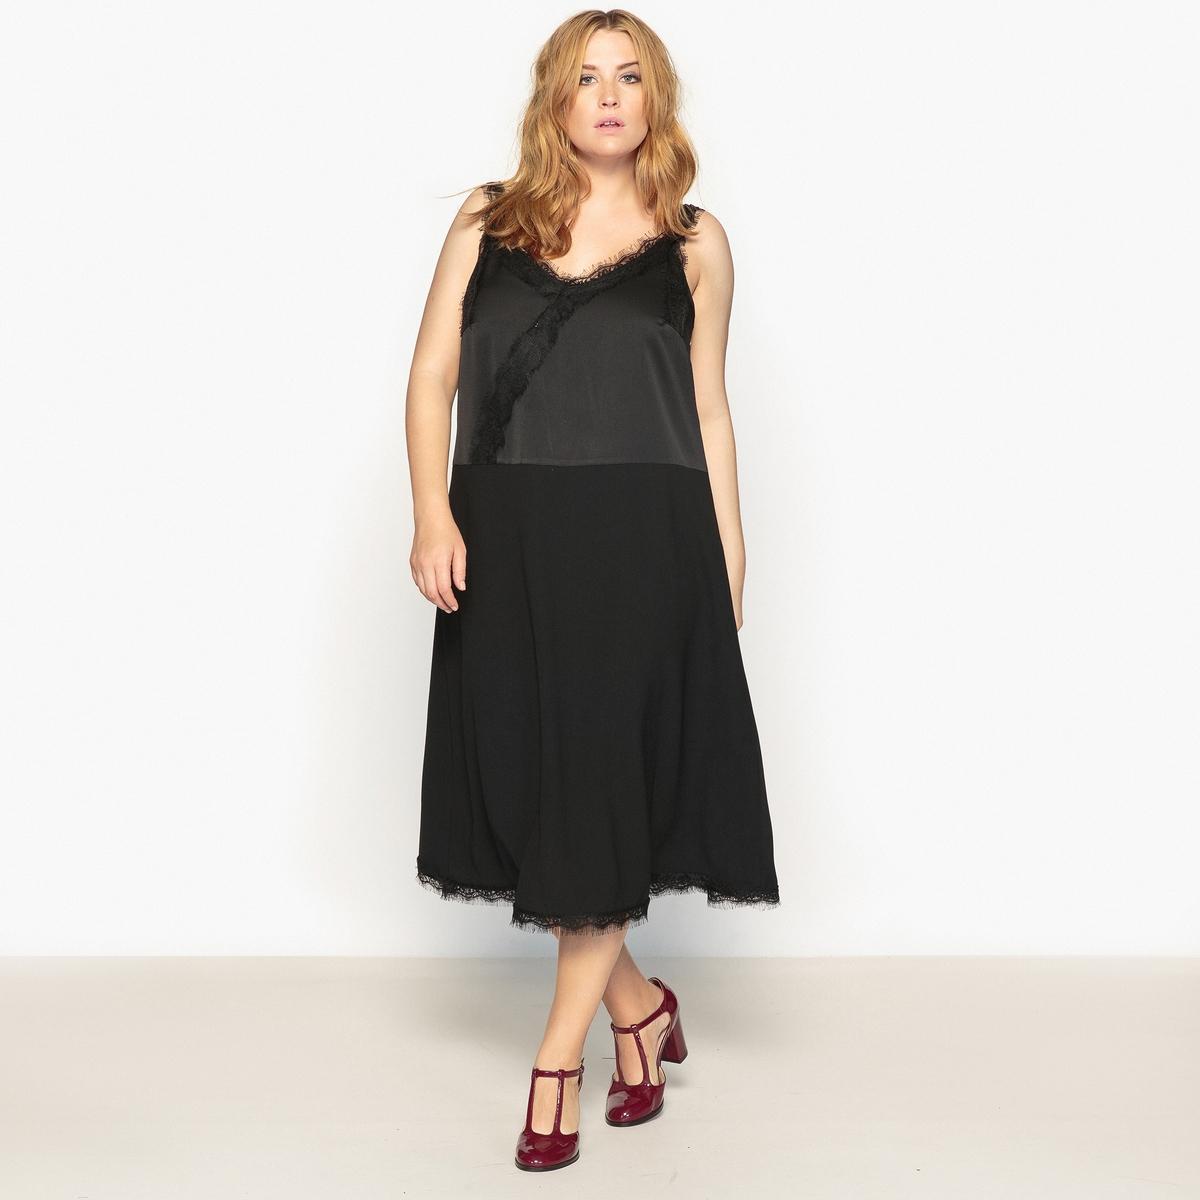 Платье прямое длинное, однотонное, с тонкими бретелямиДетали  •  Форма : прямая   •  Длина ниже колен •  Тонкие бретели     •   V-образный вырезСостав и уход  •  100% полиэстер   •  Следуйте советам по уходу, указанным на этикетке  Товар из коллекции больших размеров<br><br>Цвет: черный